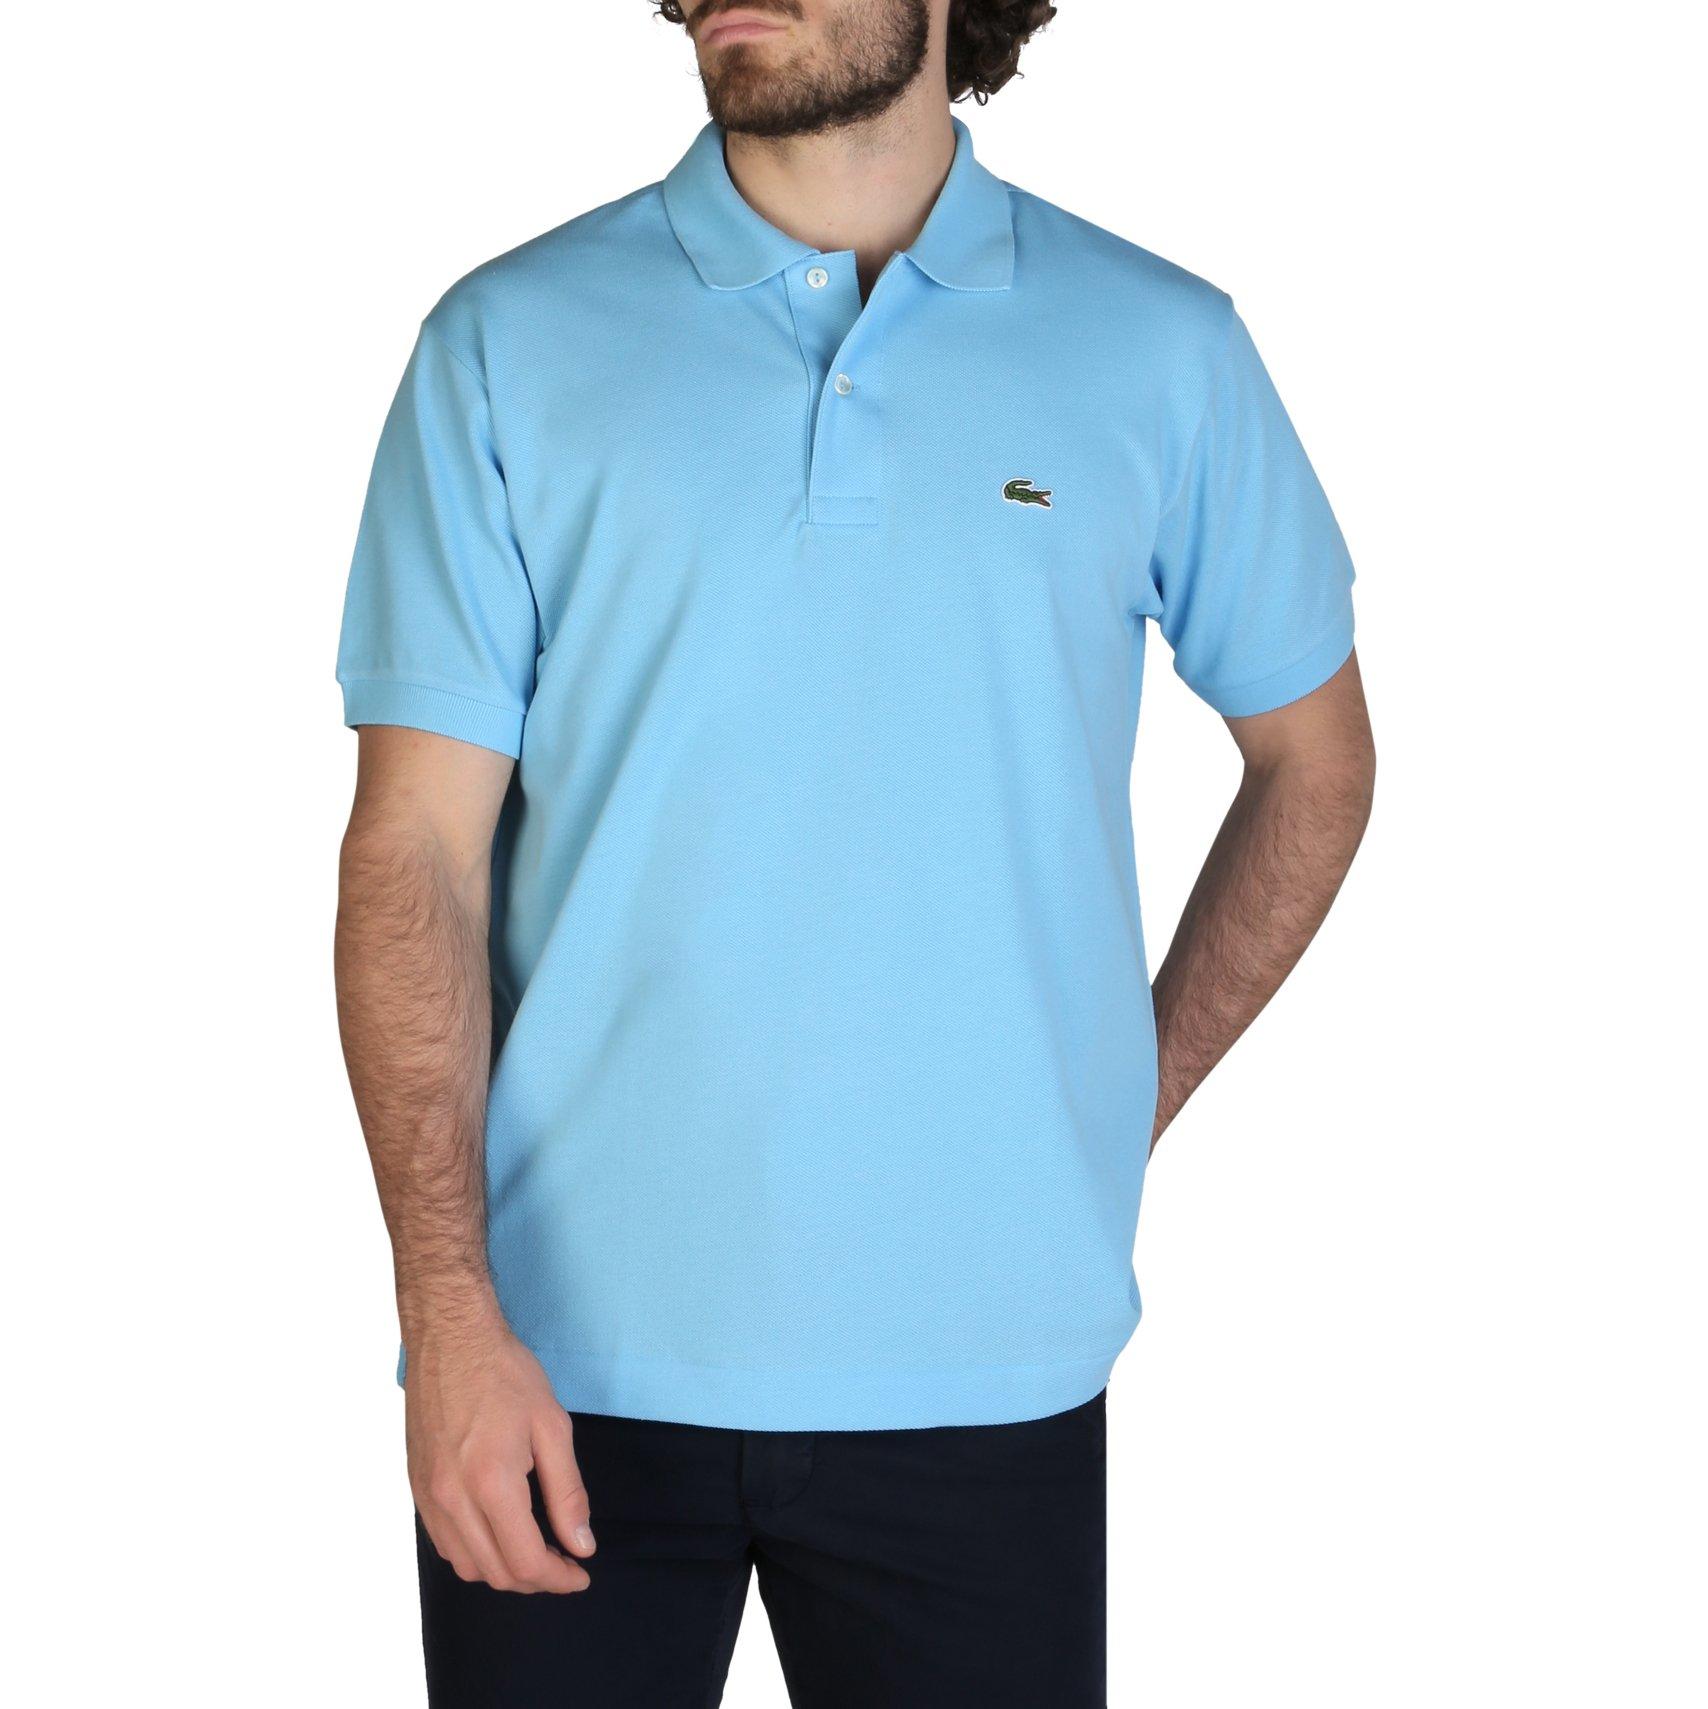 Lacoste Men's Polo Shirt Various Colours L1212_REGULAR - blue-5 S